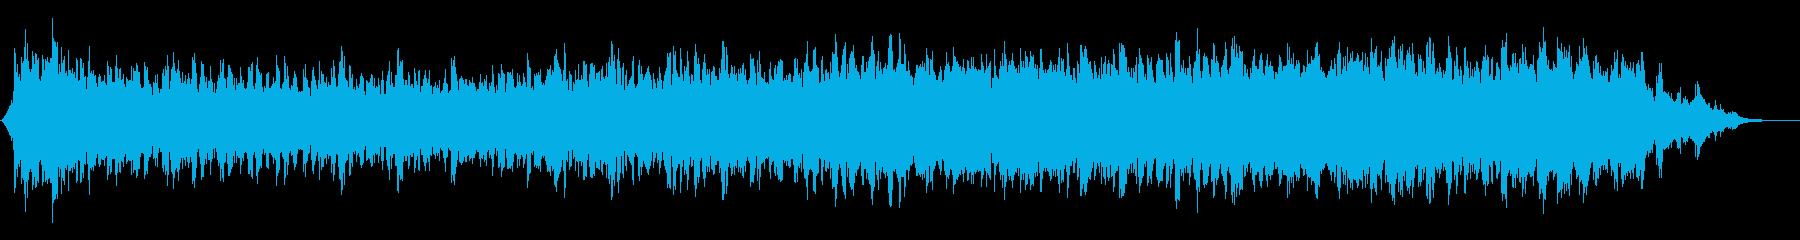 ヒーリング、リラックス向けのアンビエントの再生済みの波形